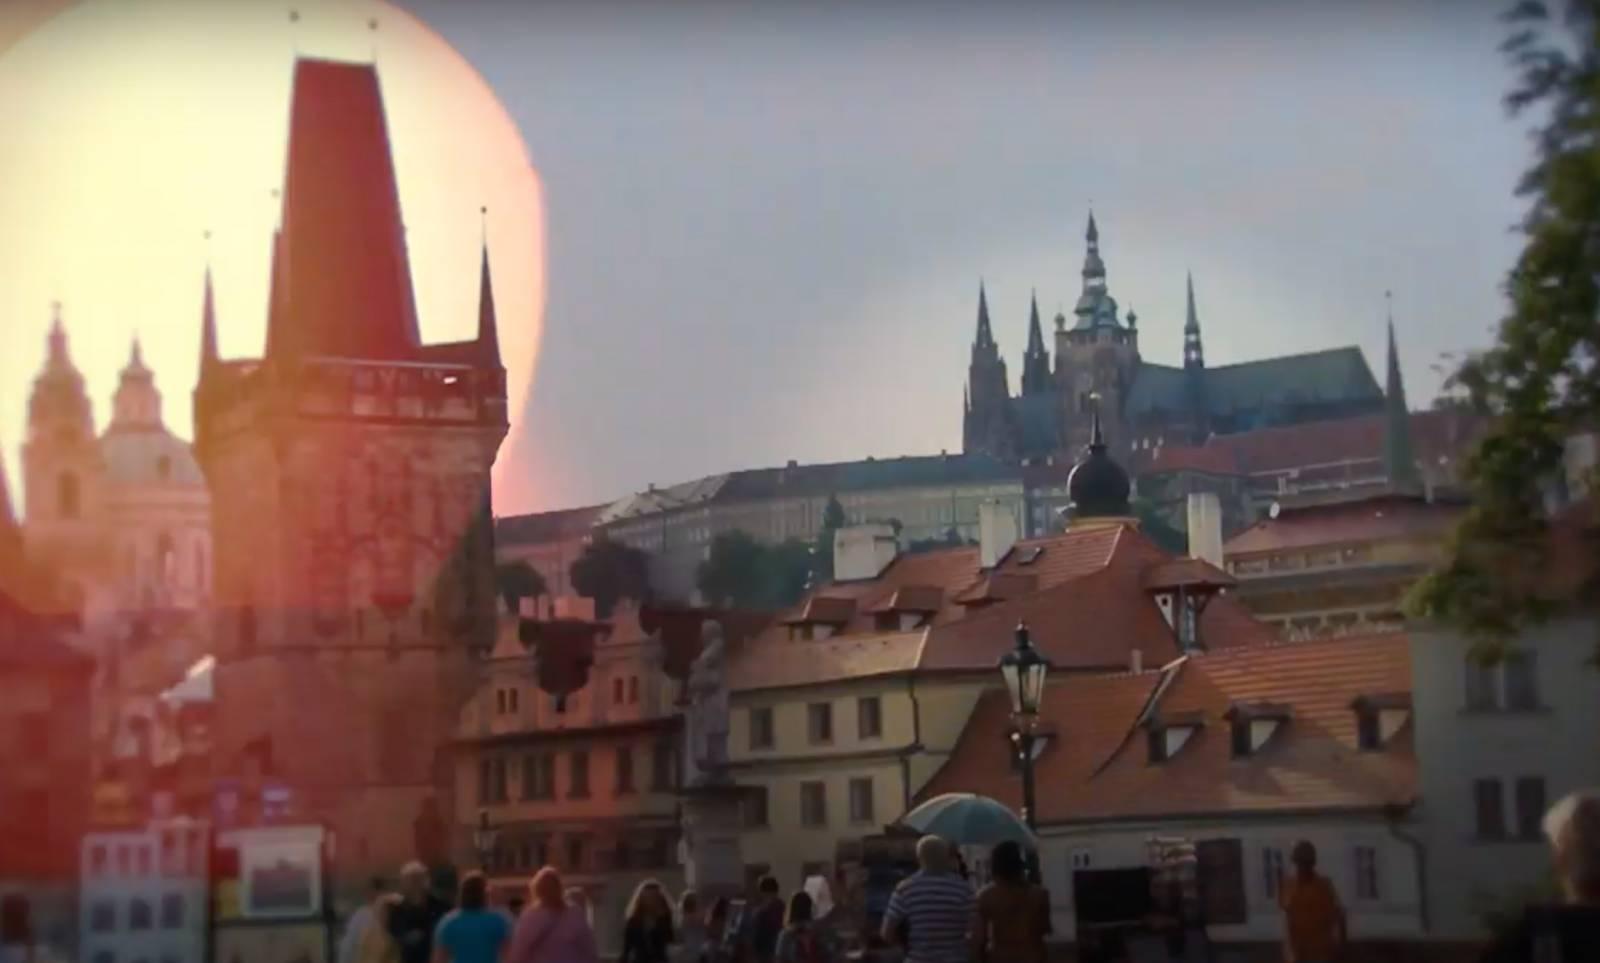 TOP 10 | Praha v písních PSH, Katarzie, Pražského výběru, Vítkova kvarteta, Dukly a dalších. Slyším město veliké, jehož sláva se hvězd dotýká